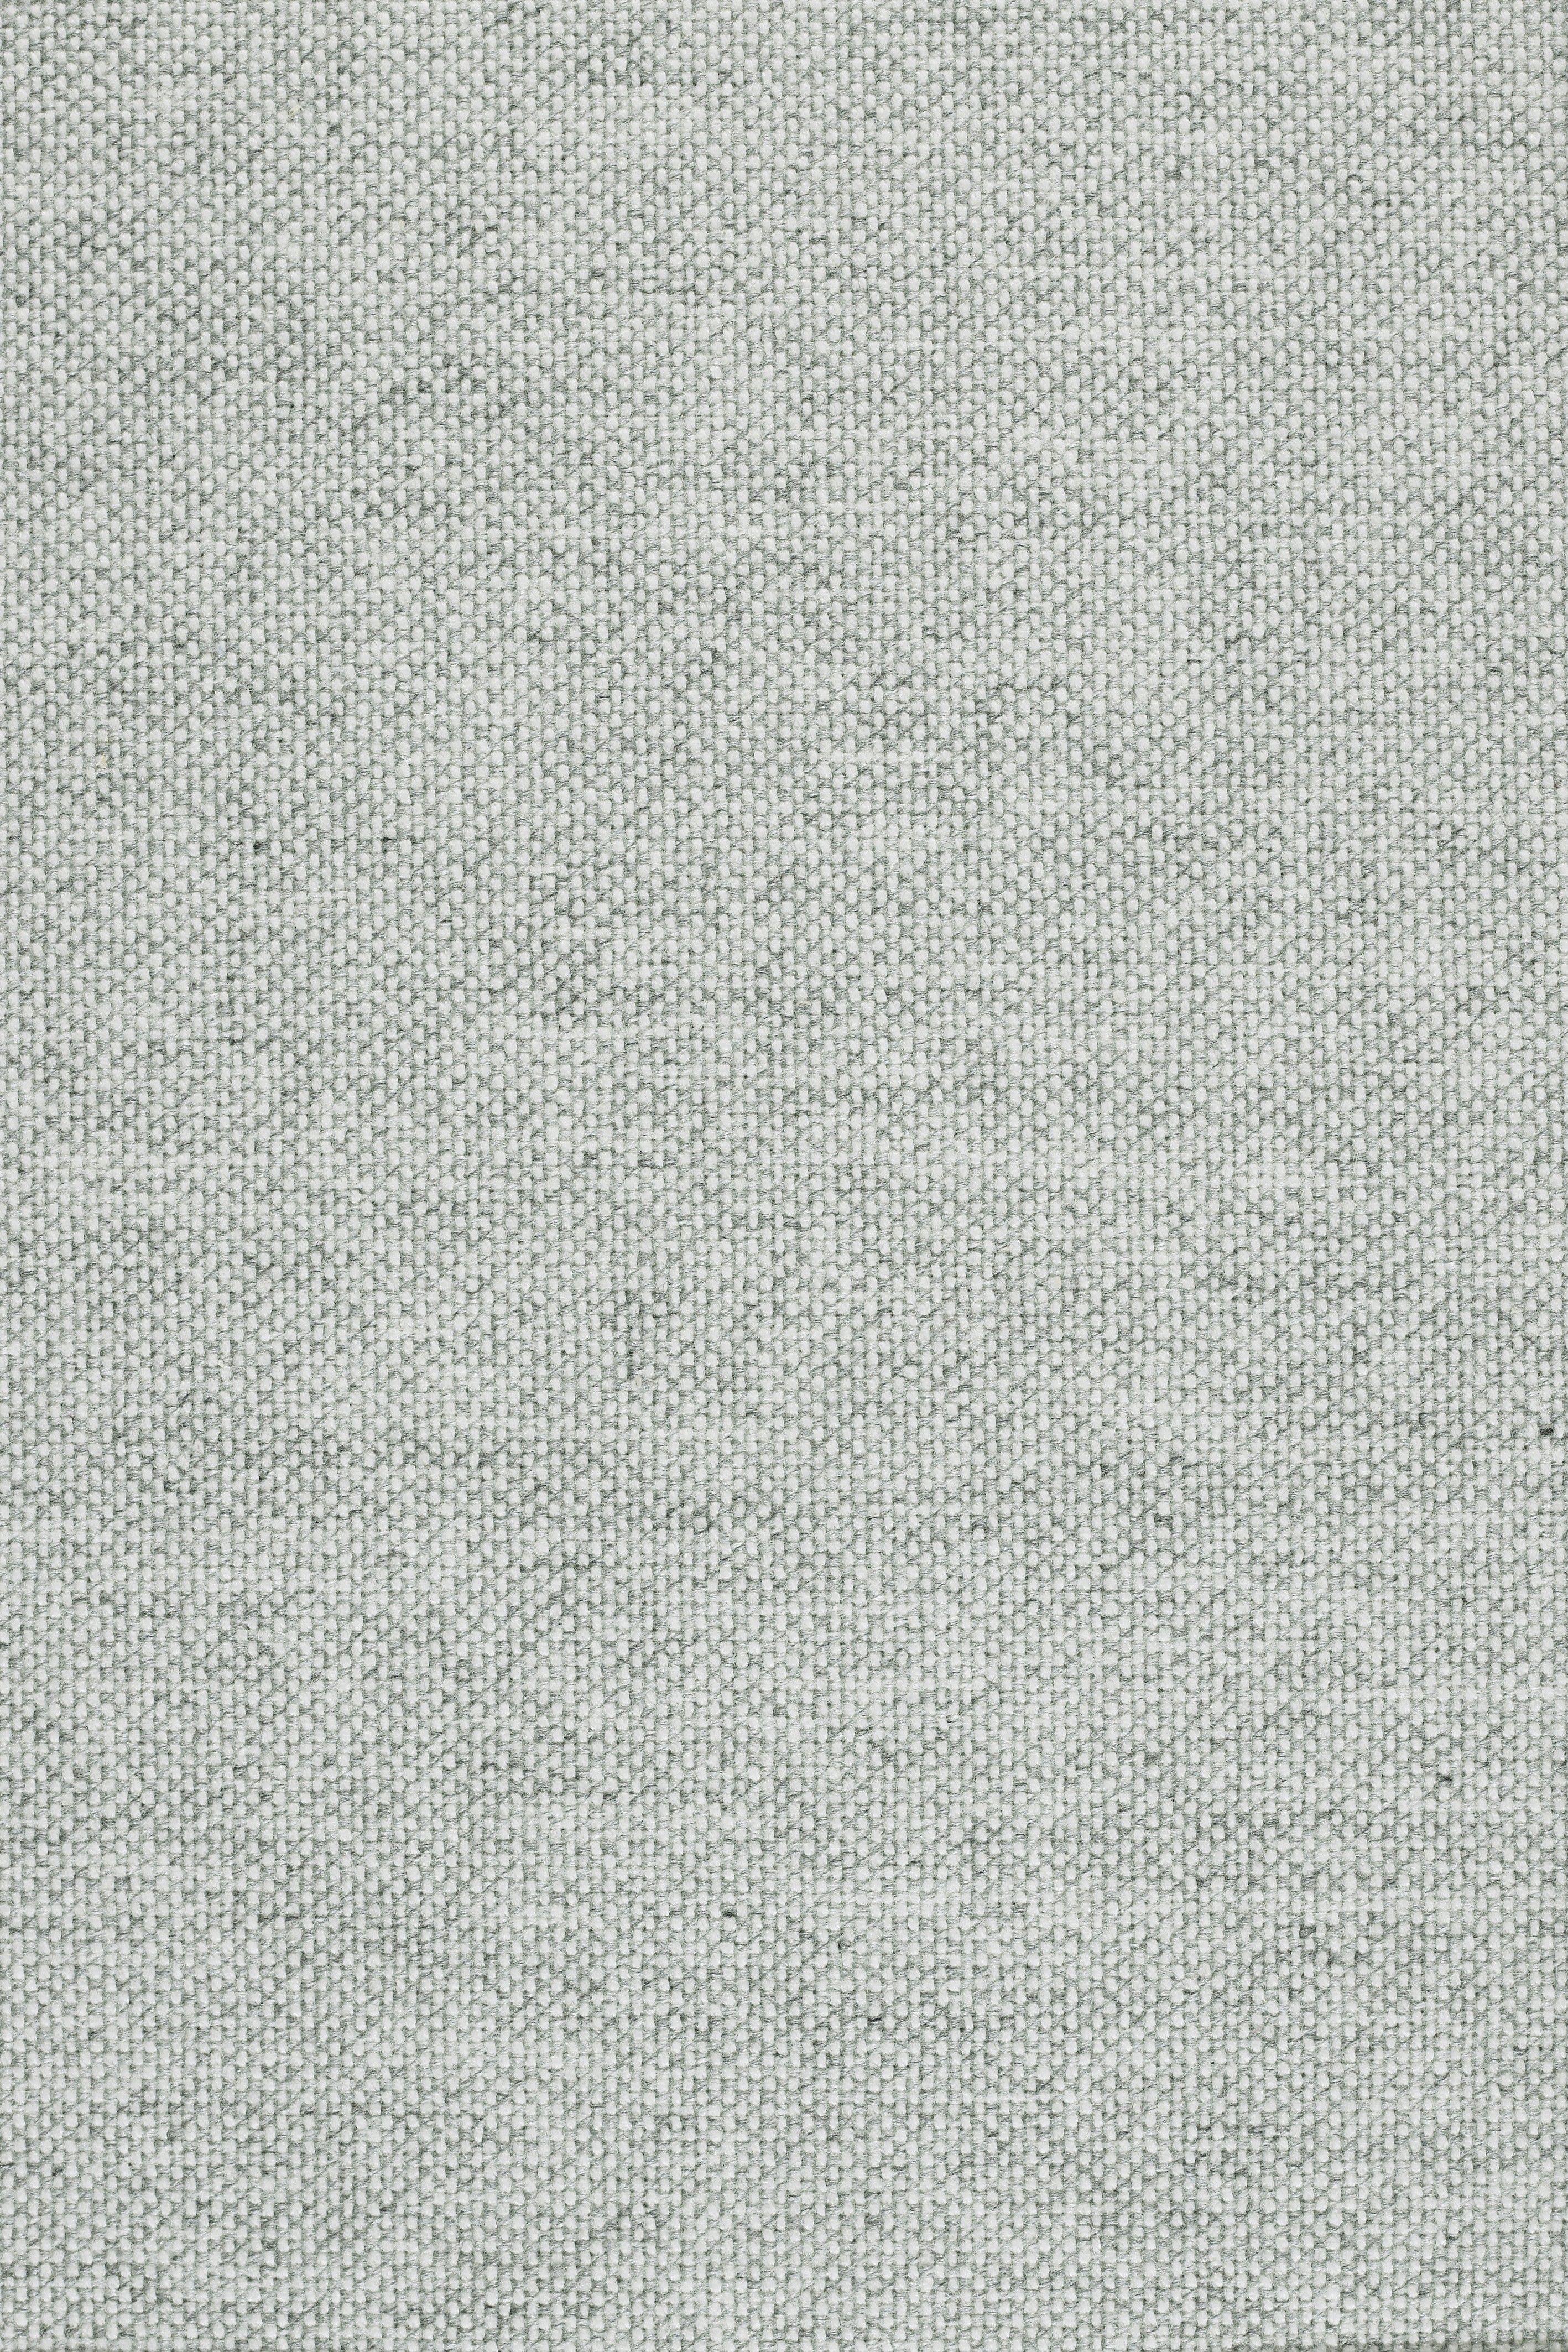 Kvadrat Textiles Hallingdal 65  Kvadrat  Textiles  Pinterest  Contemporary And .